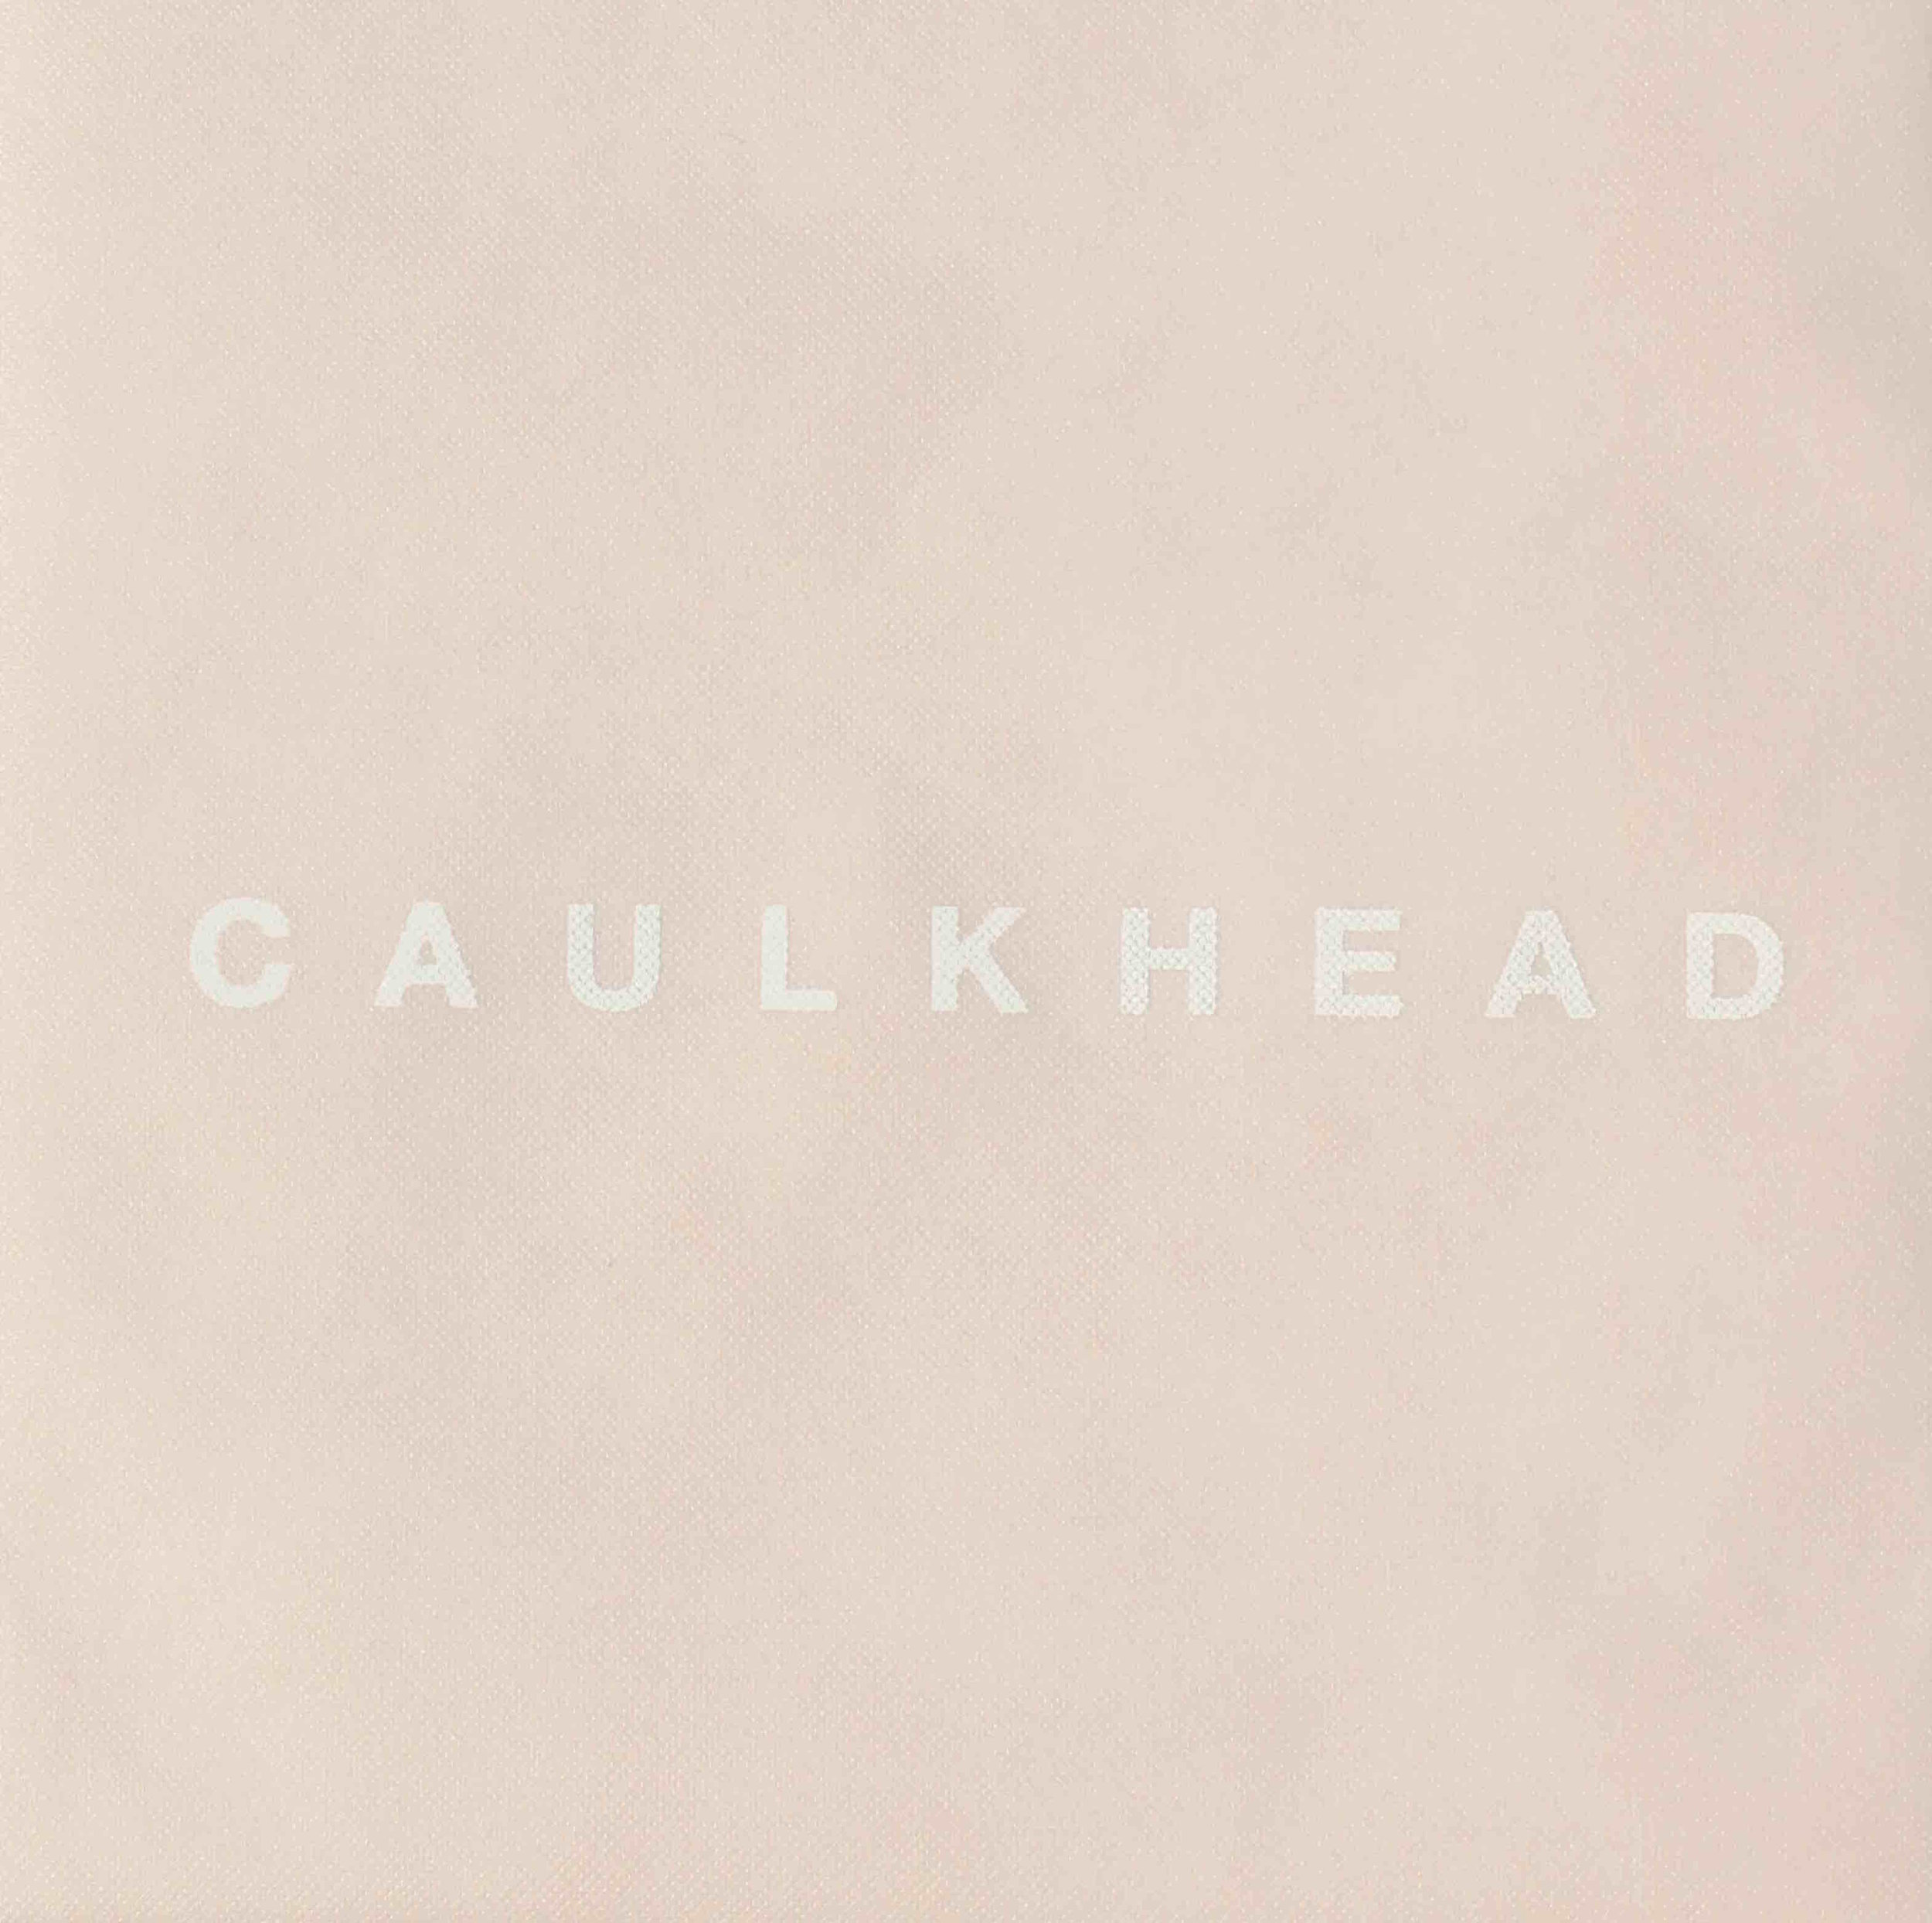 Edward Penfold - Caulkhead